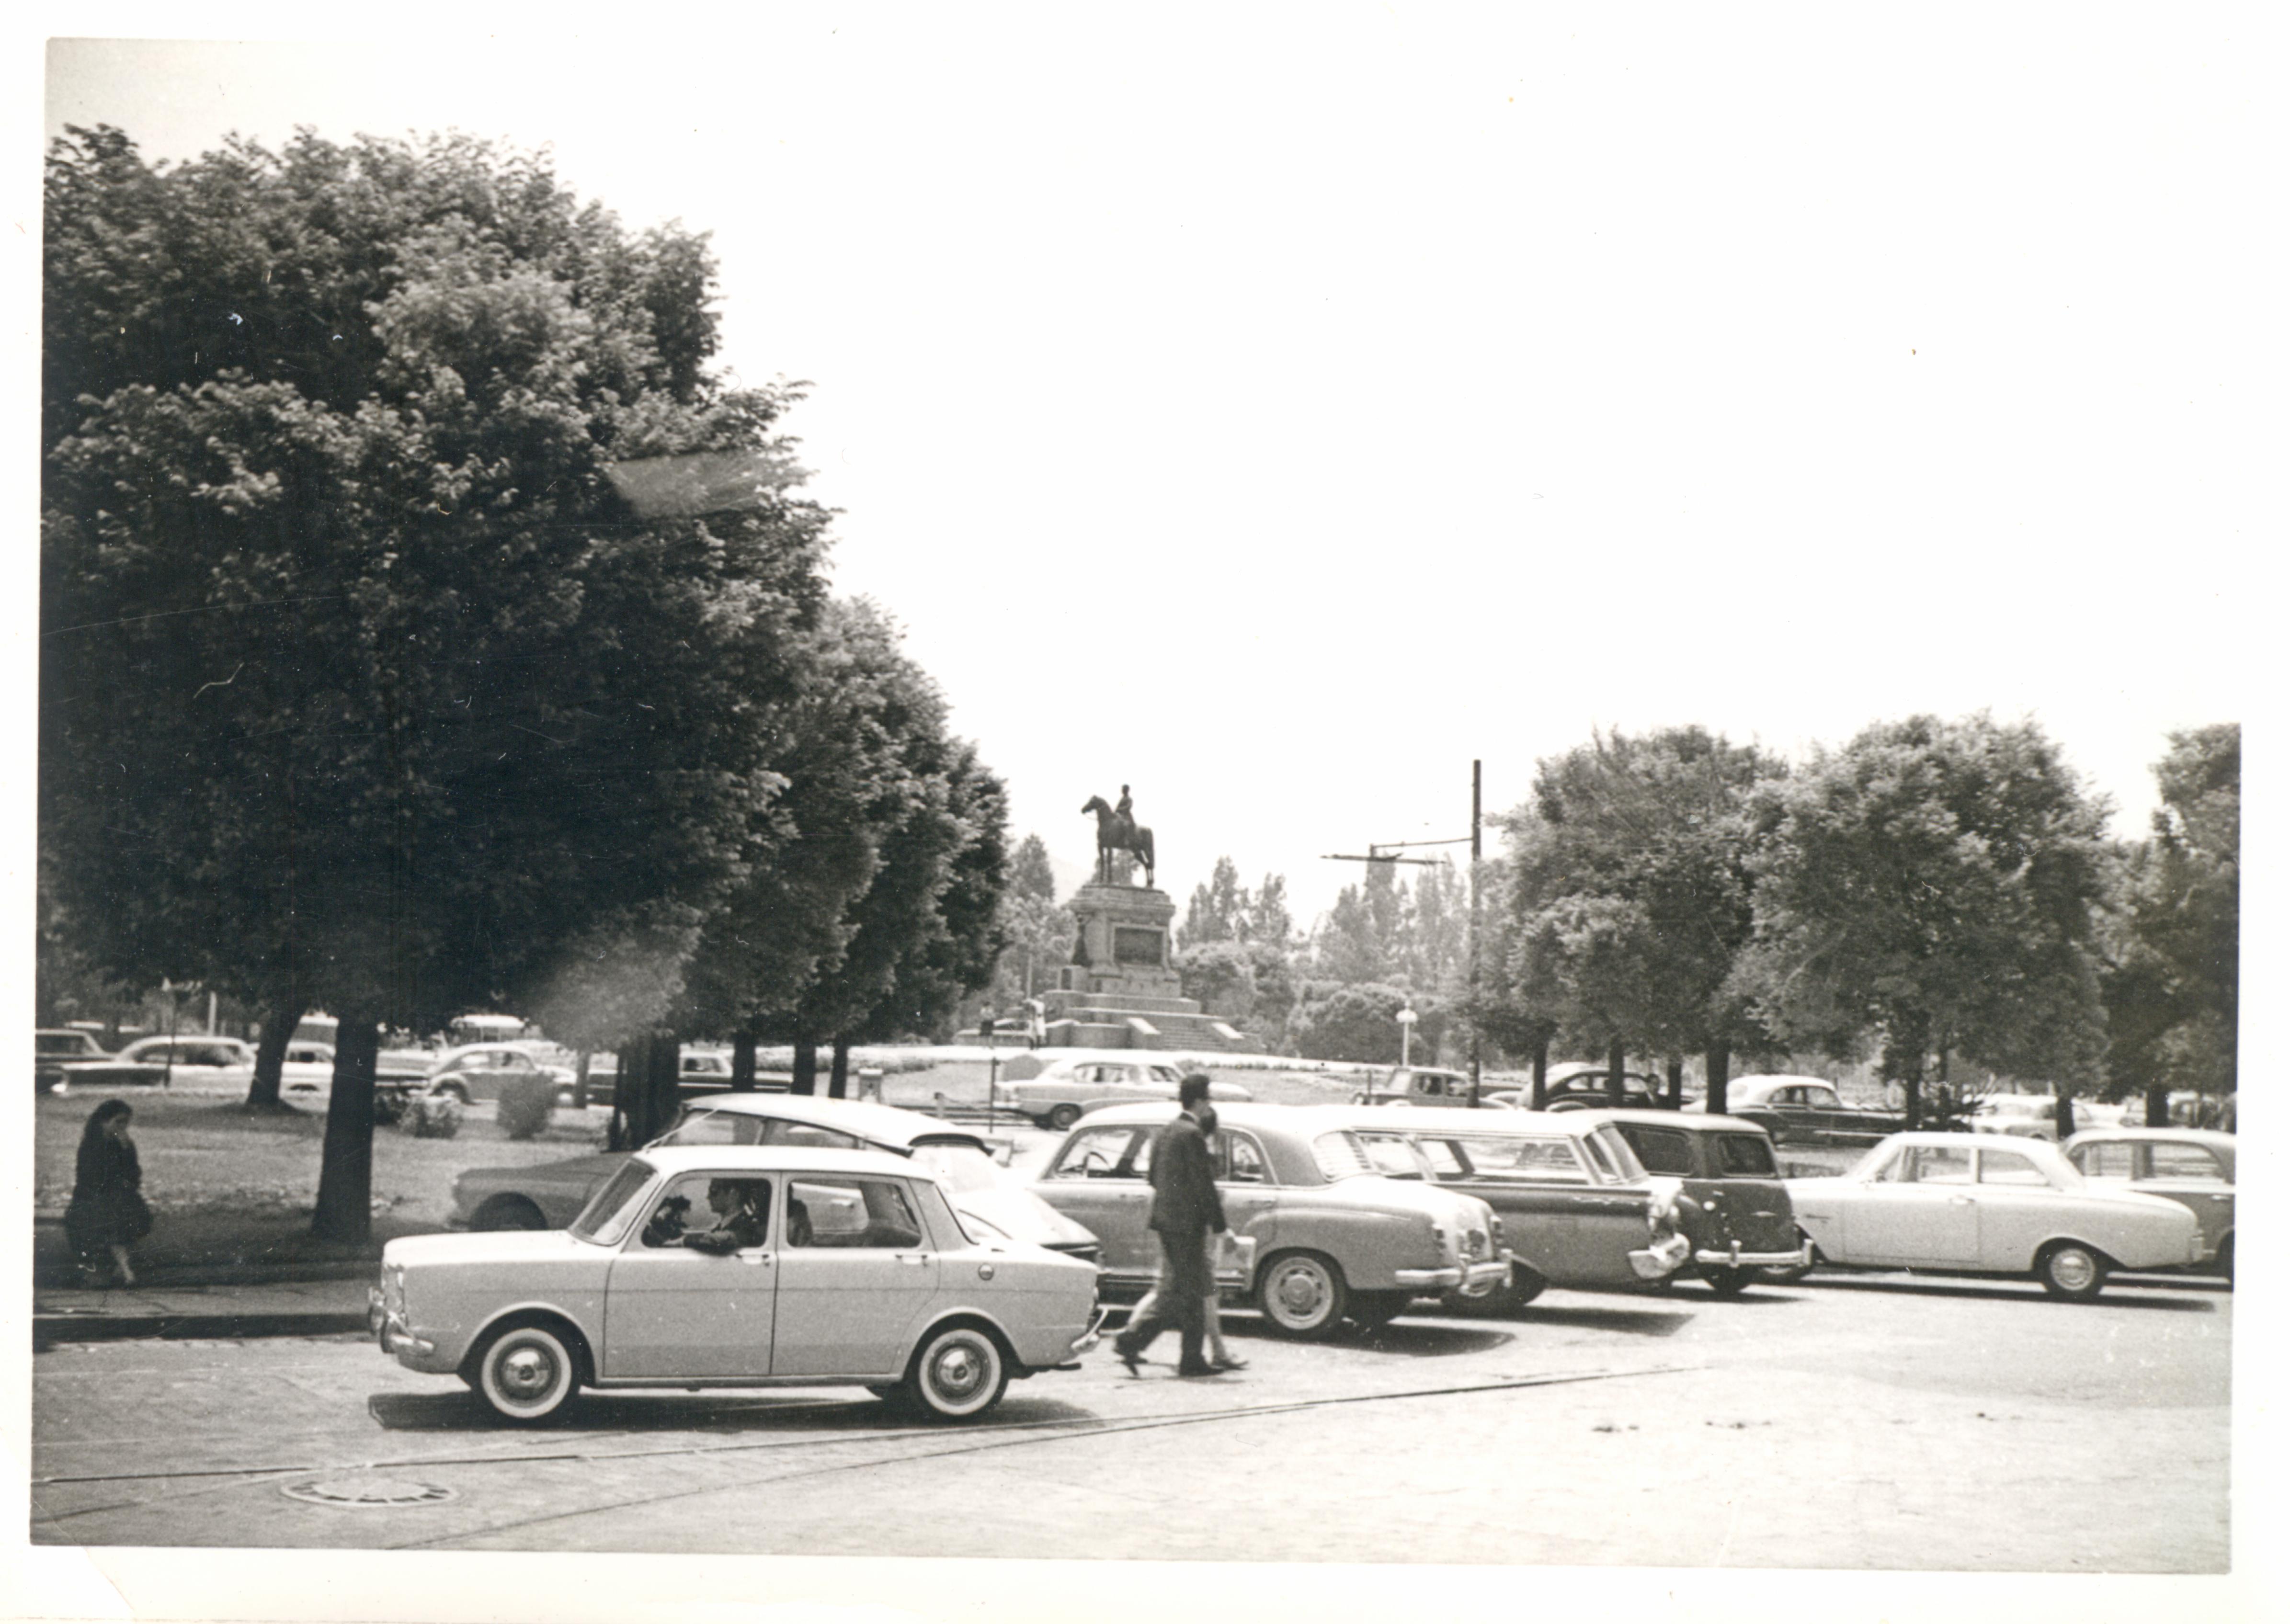 Enterreno - Fotos históricas de chile - fotos antiguas de Chile - Plaza Baquedano en 1965